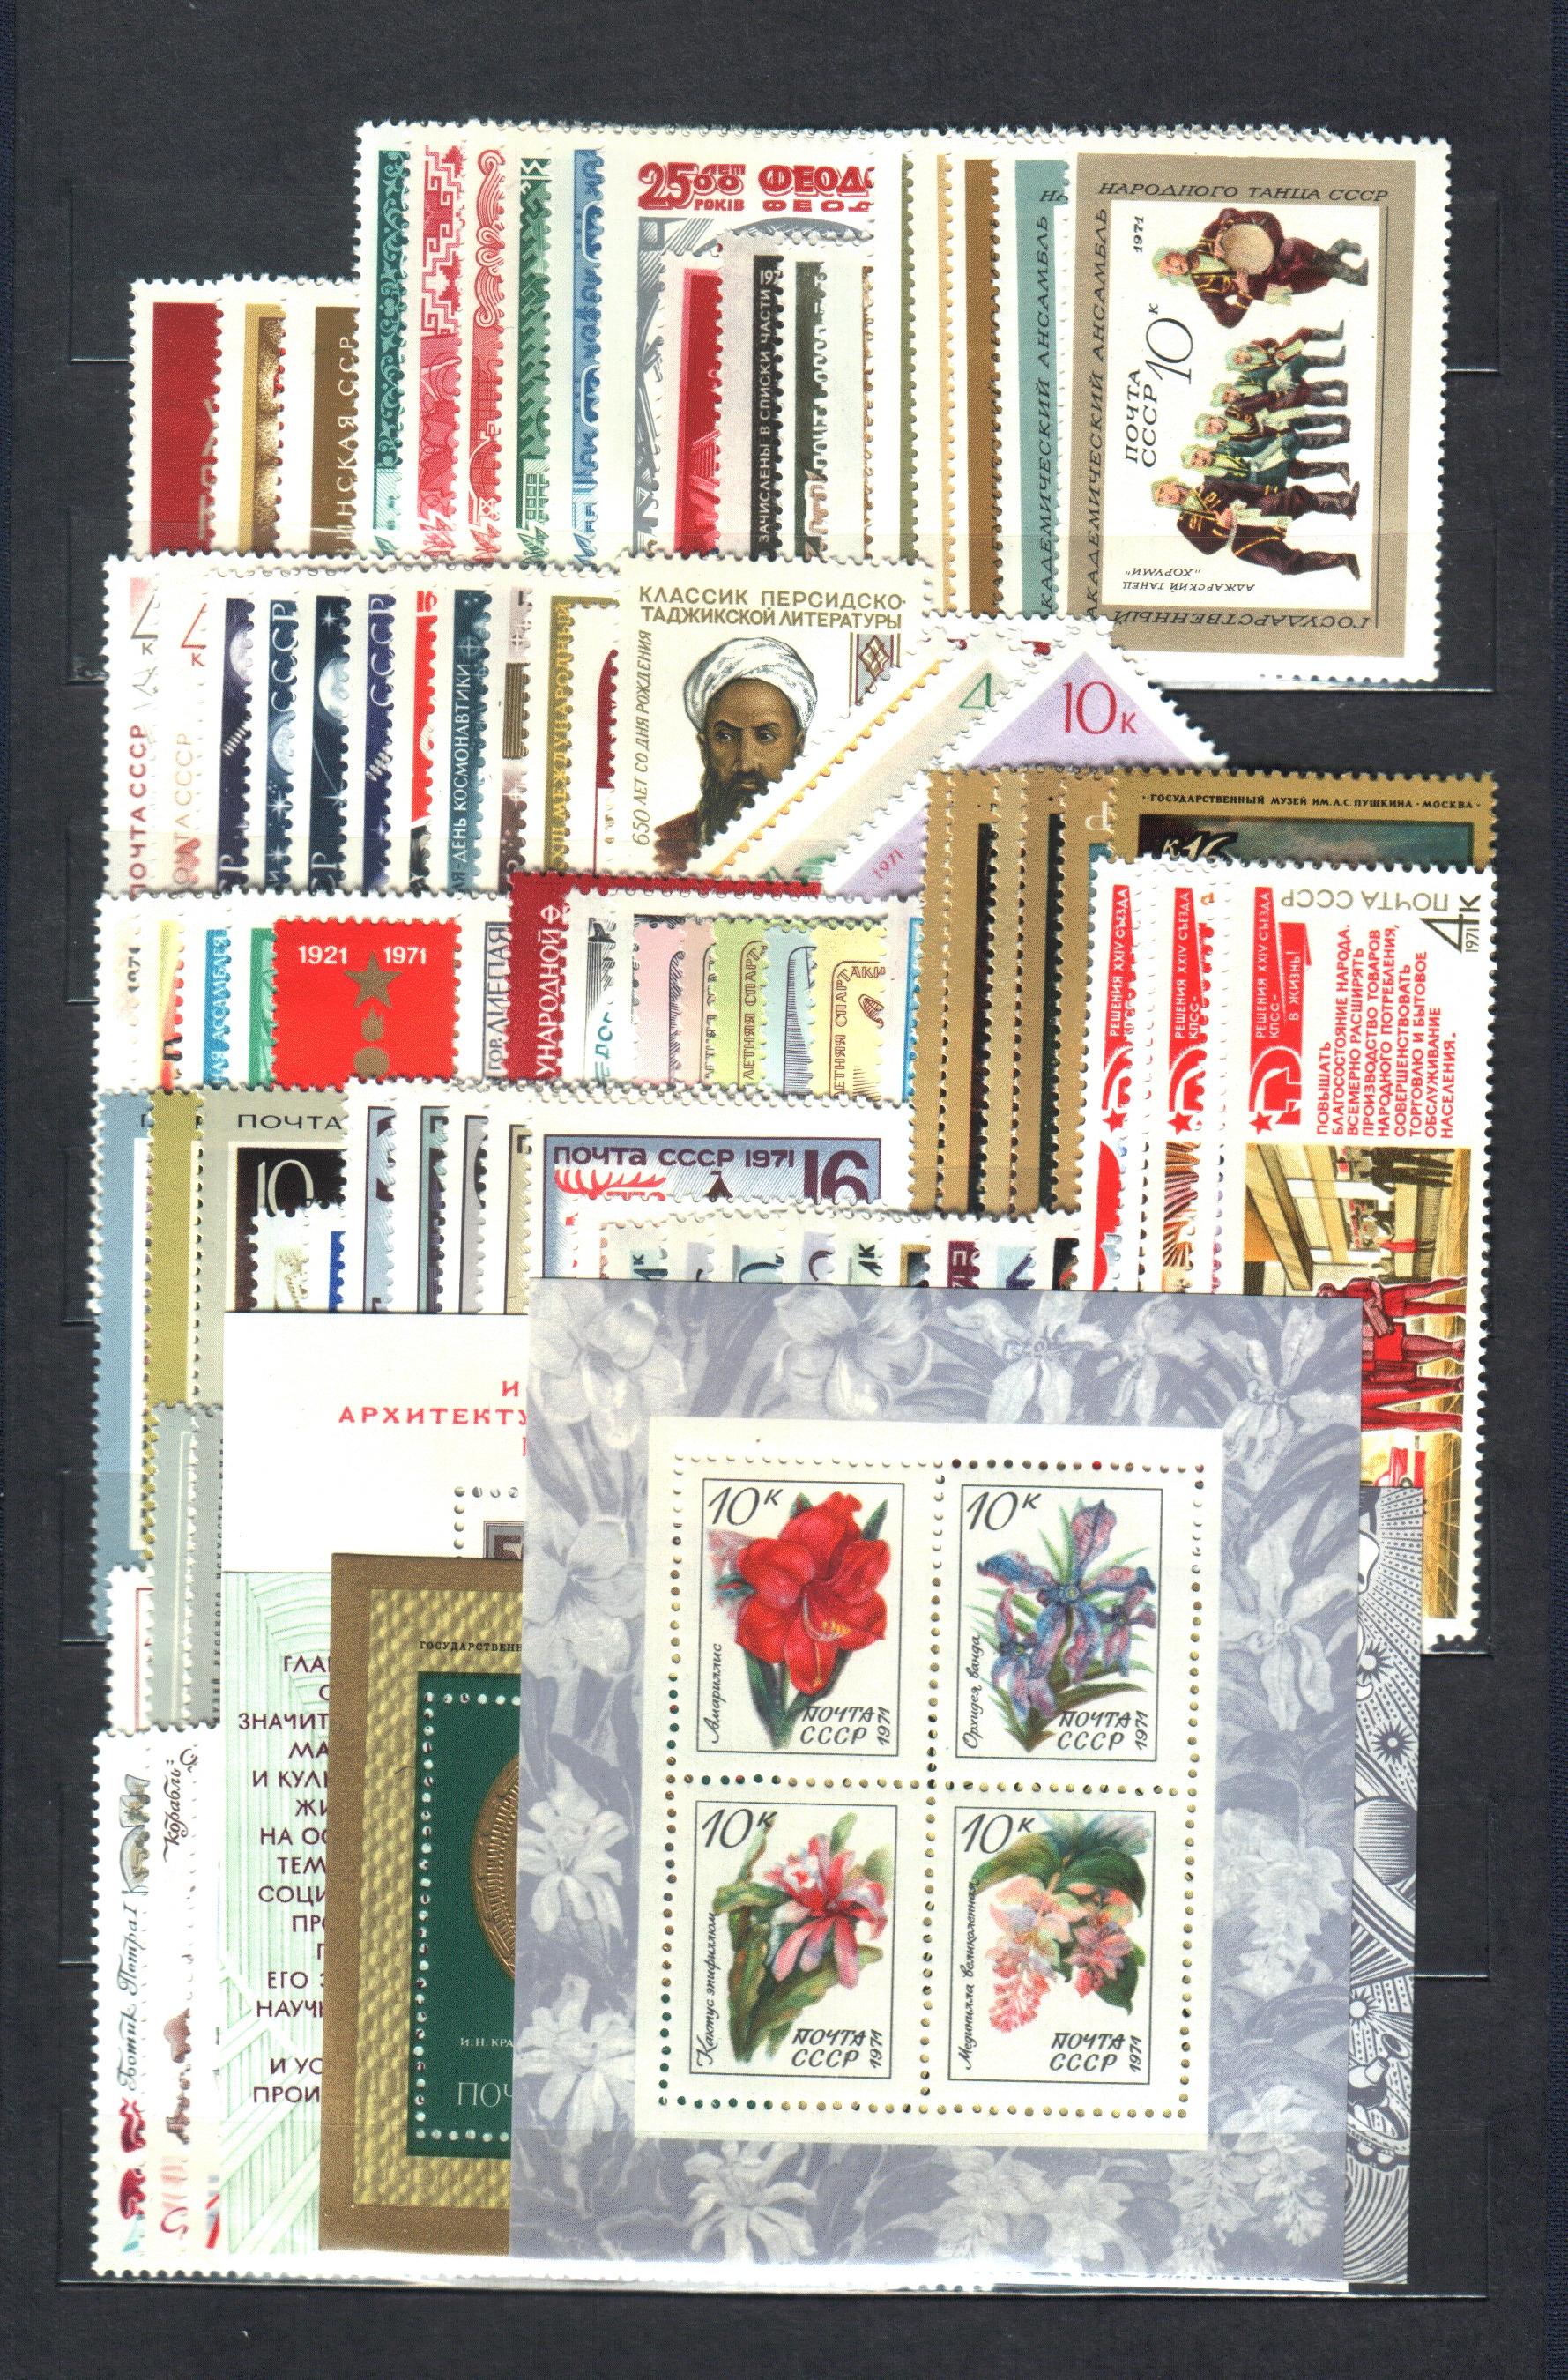 Годовой набор почтовых марок СССР 1971 год, 115 почтовых марок, 6 почтовых блока